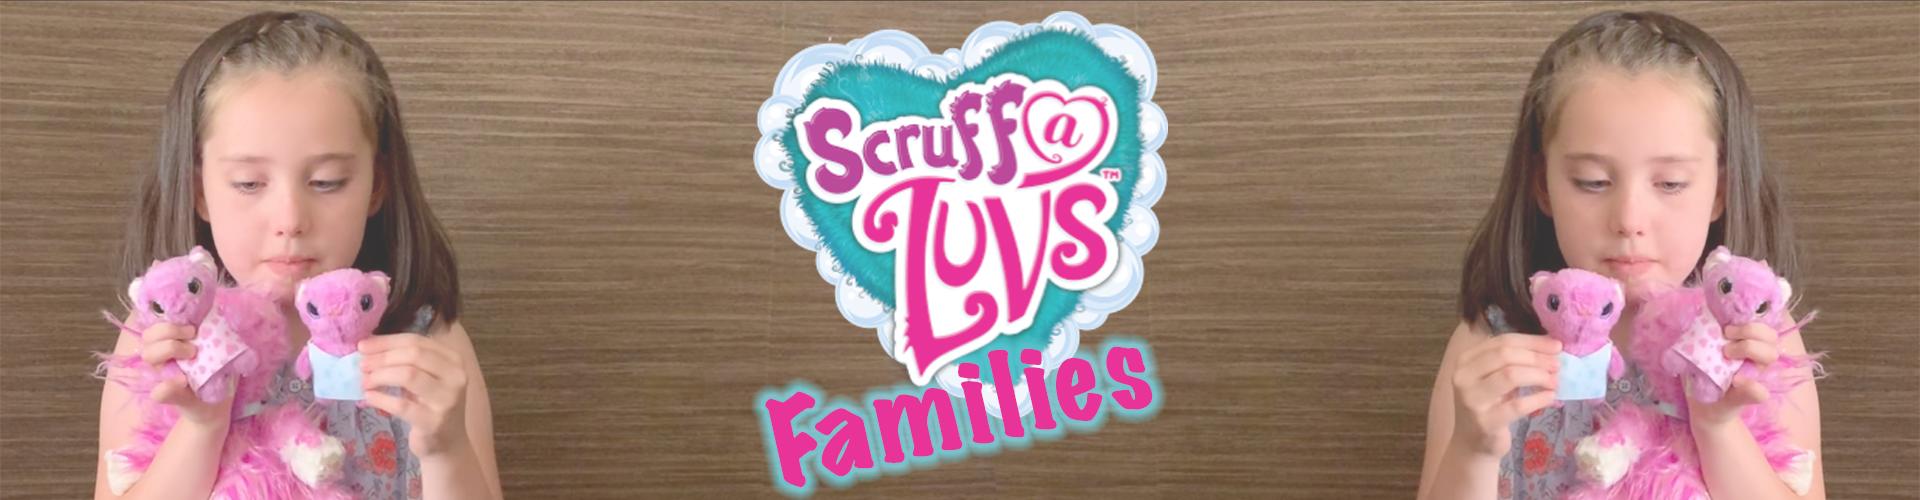 Scruff A Luvs Families